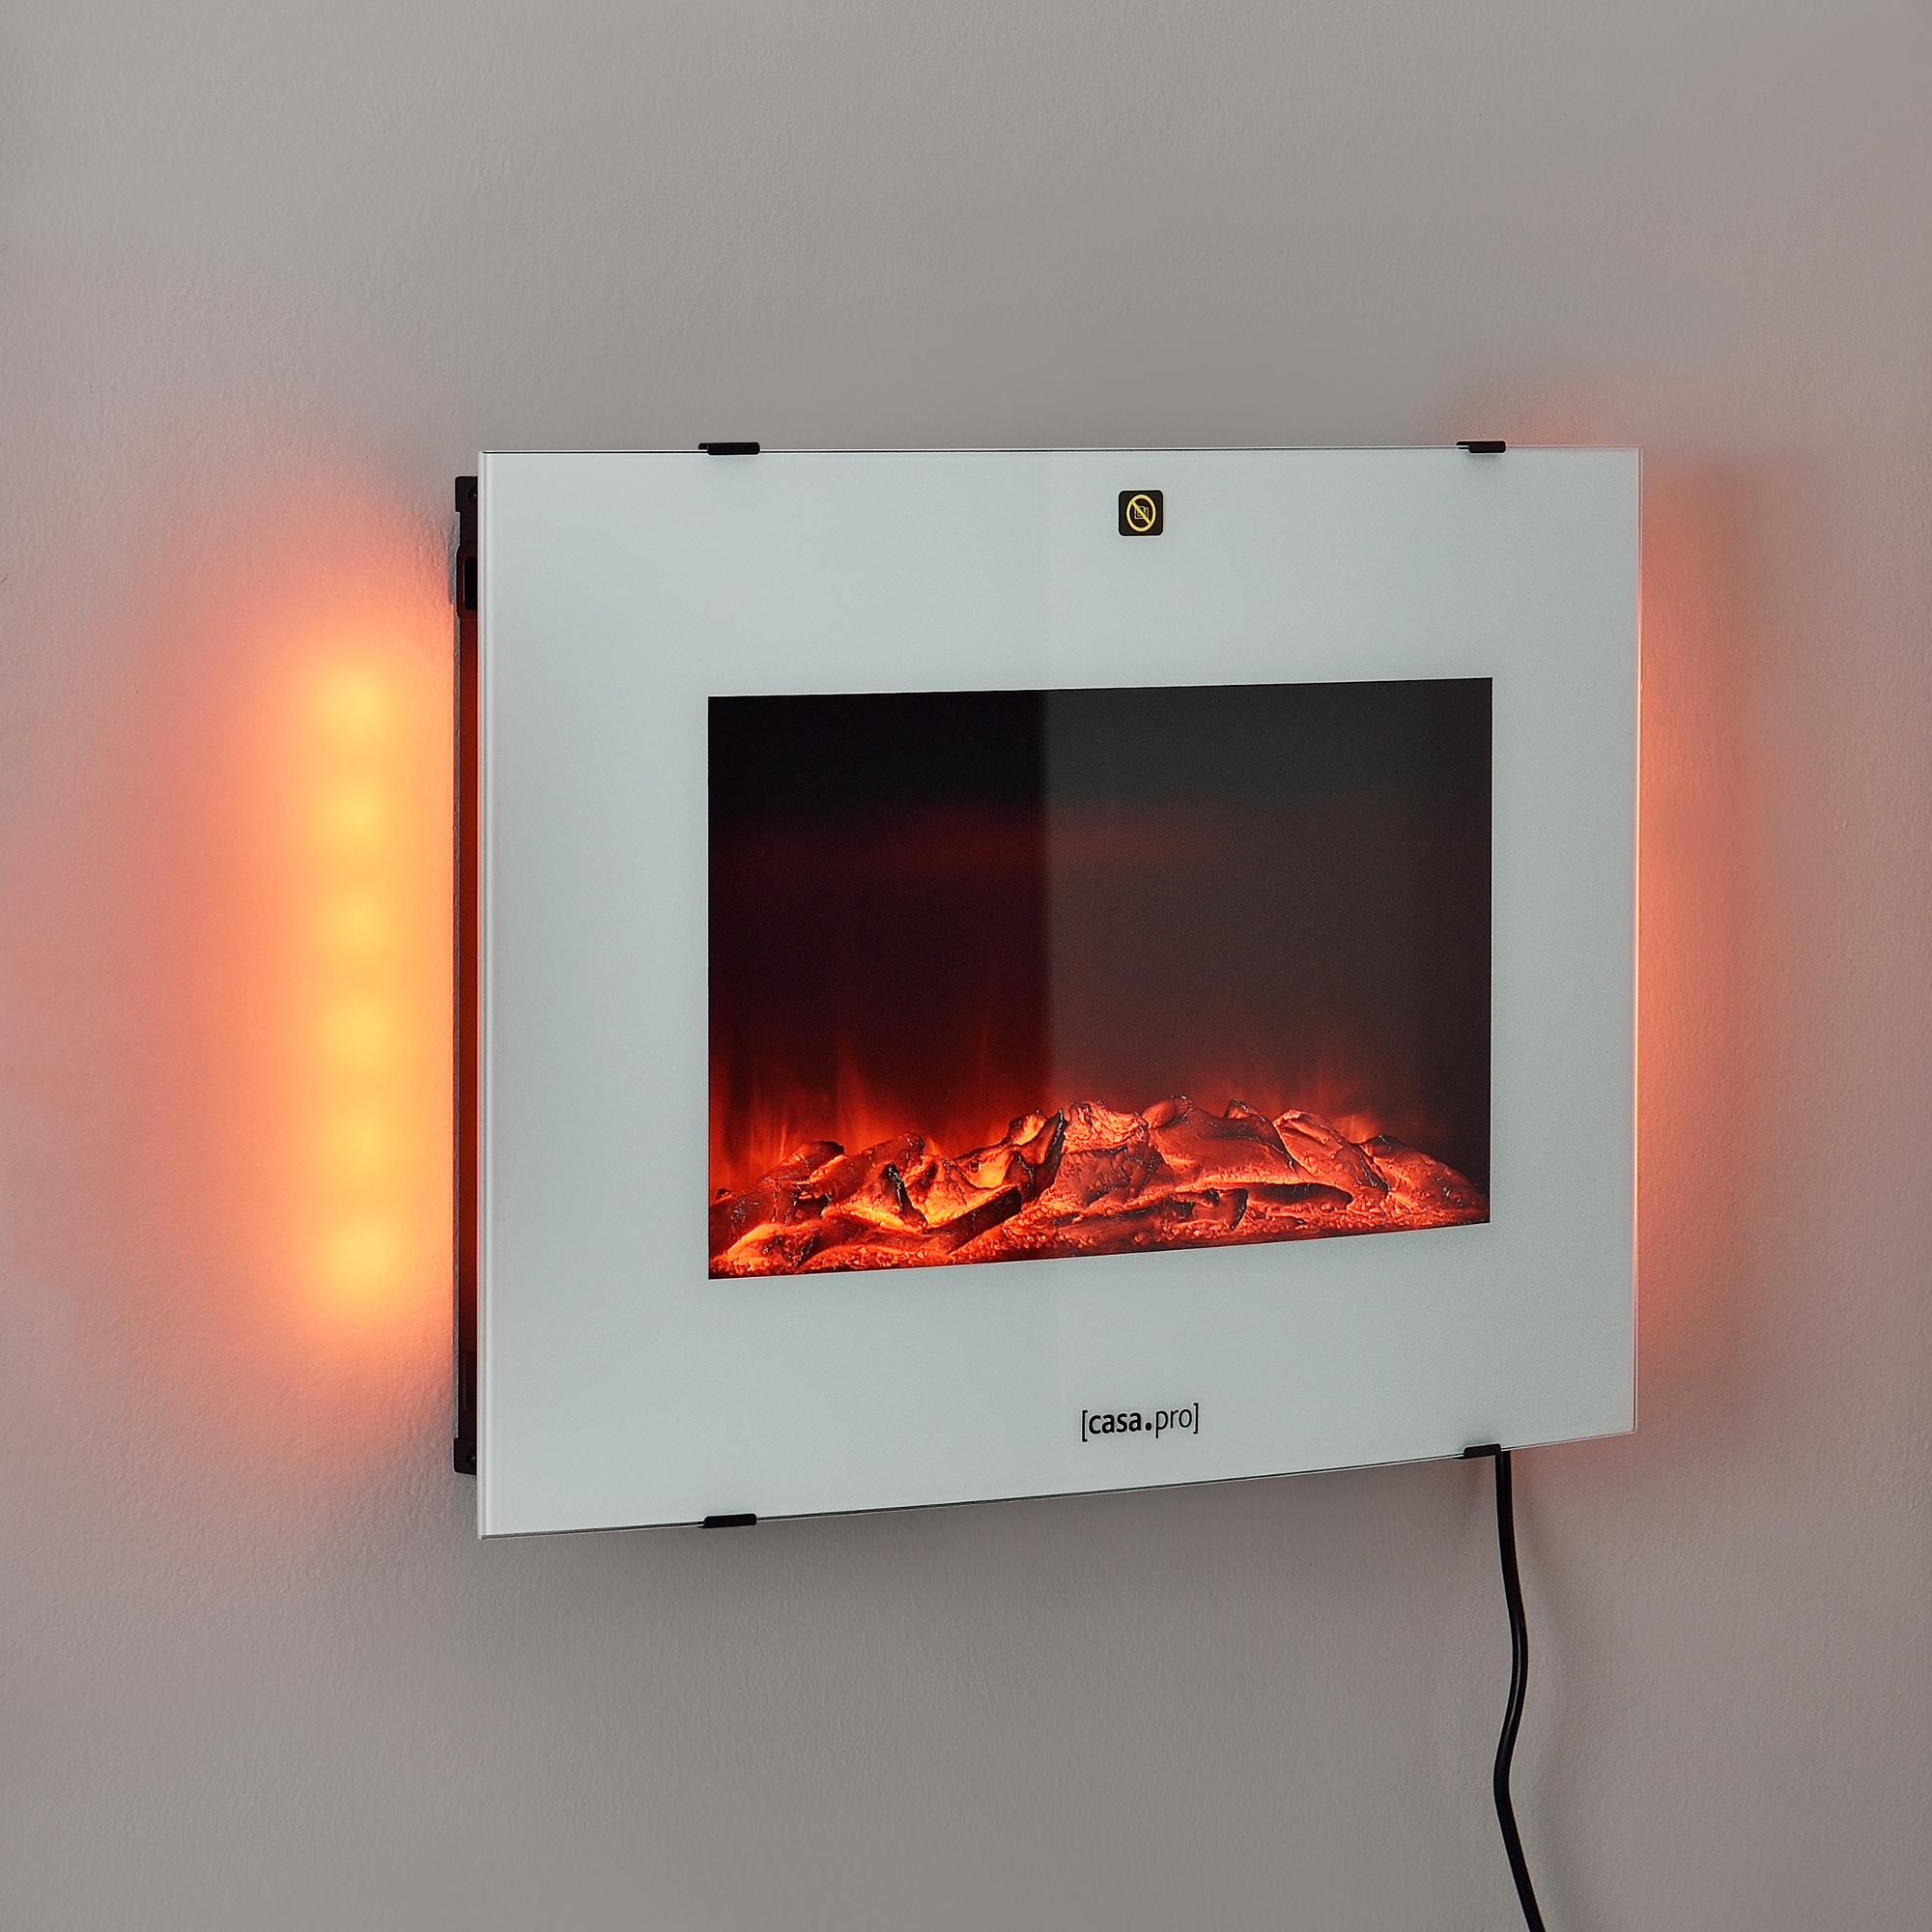 Vidrio Termostato programable Incorporado Negro Chimenea el/éctrica 65 x 13,5 x 46 cm Animaci/ón de Fuego Pl/ástico Metal casa.pro